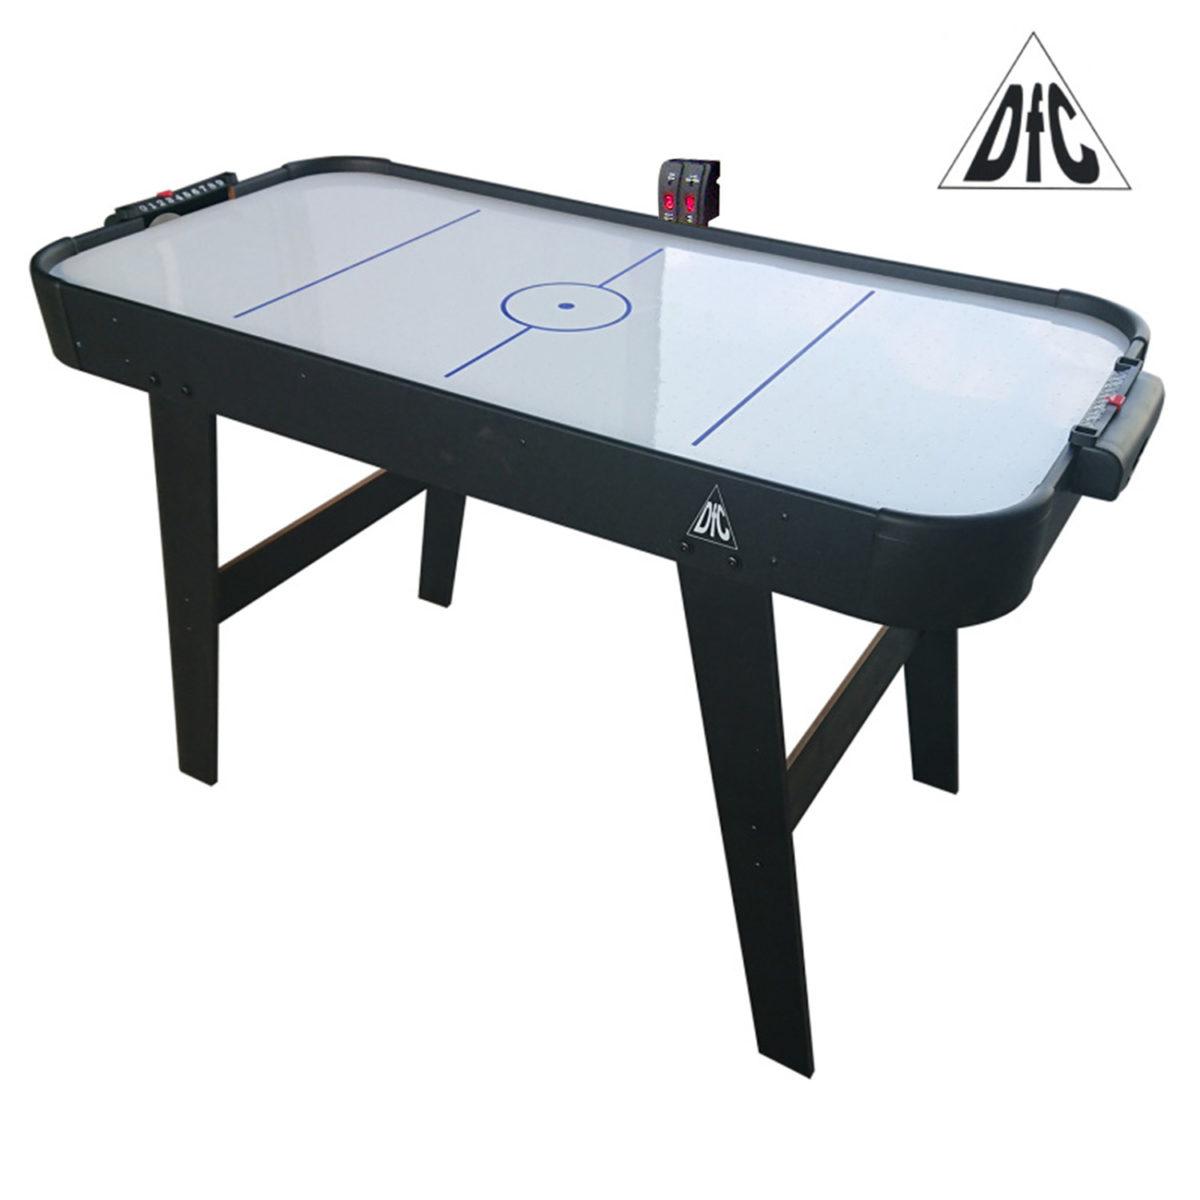 DFC BREST Игровой стол аэрохоккей  HM-AT-48080 - 1